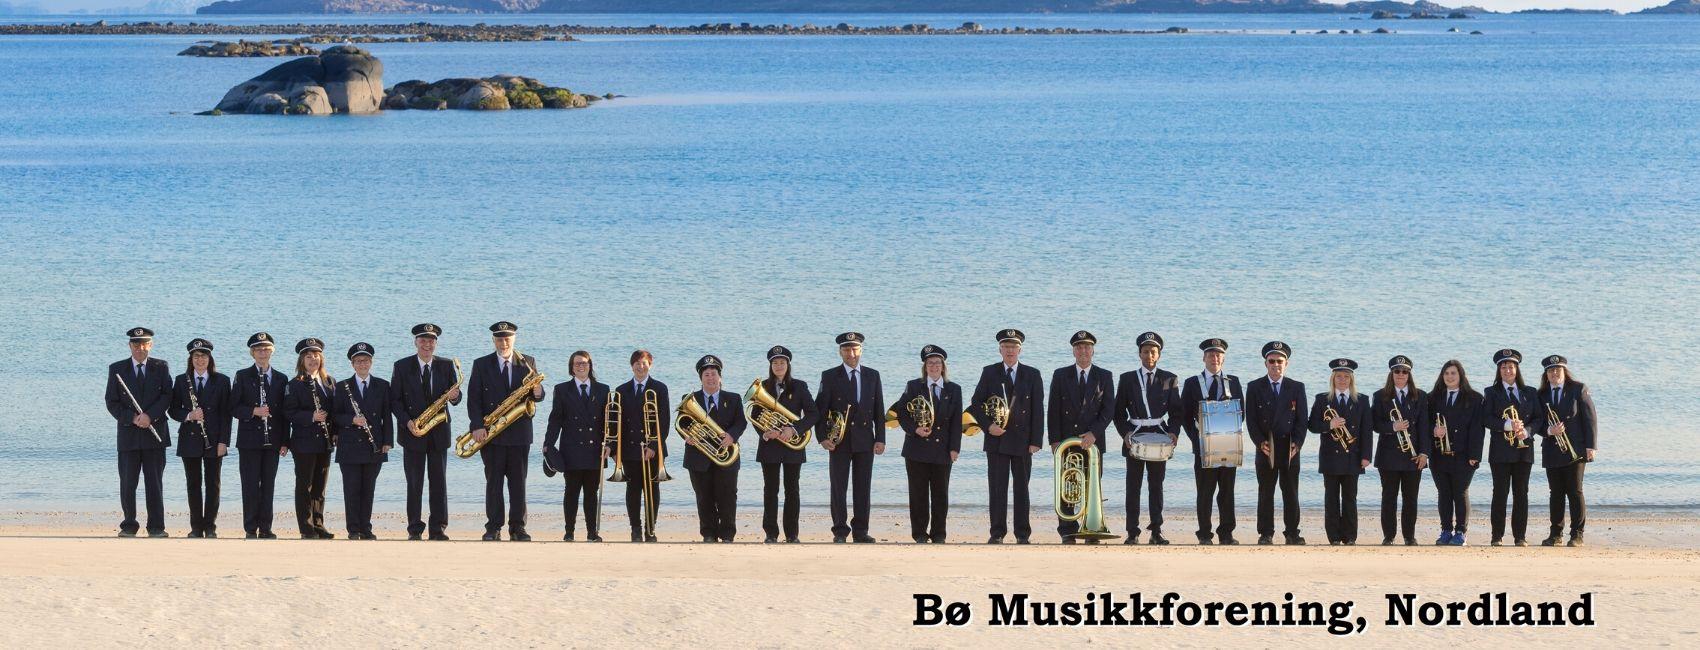 bø-musikkforening-norland-en-beat-av-bø-Edderkoppen-scene